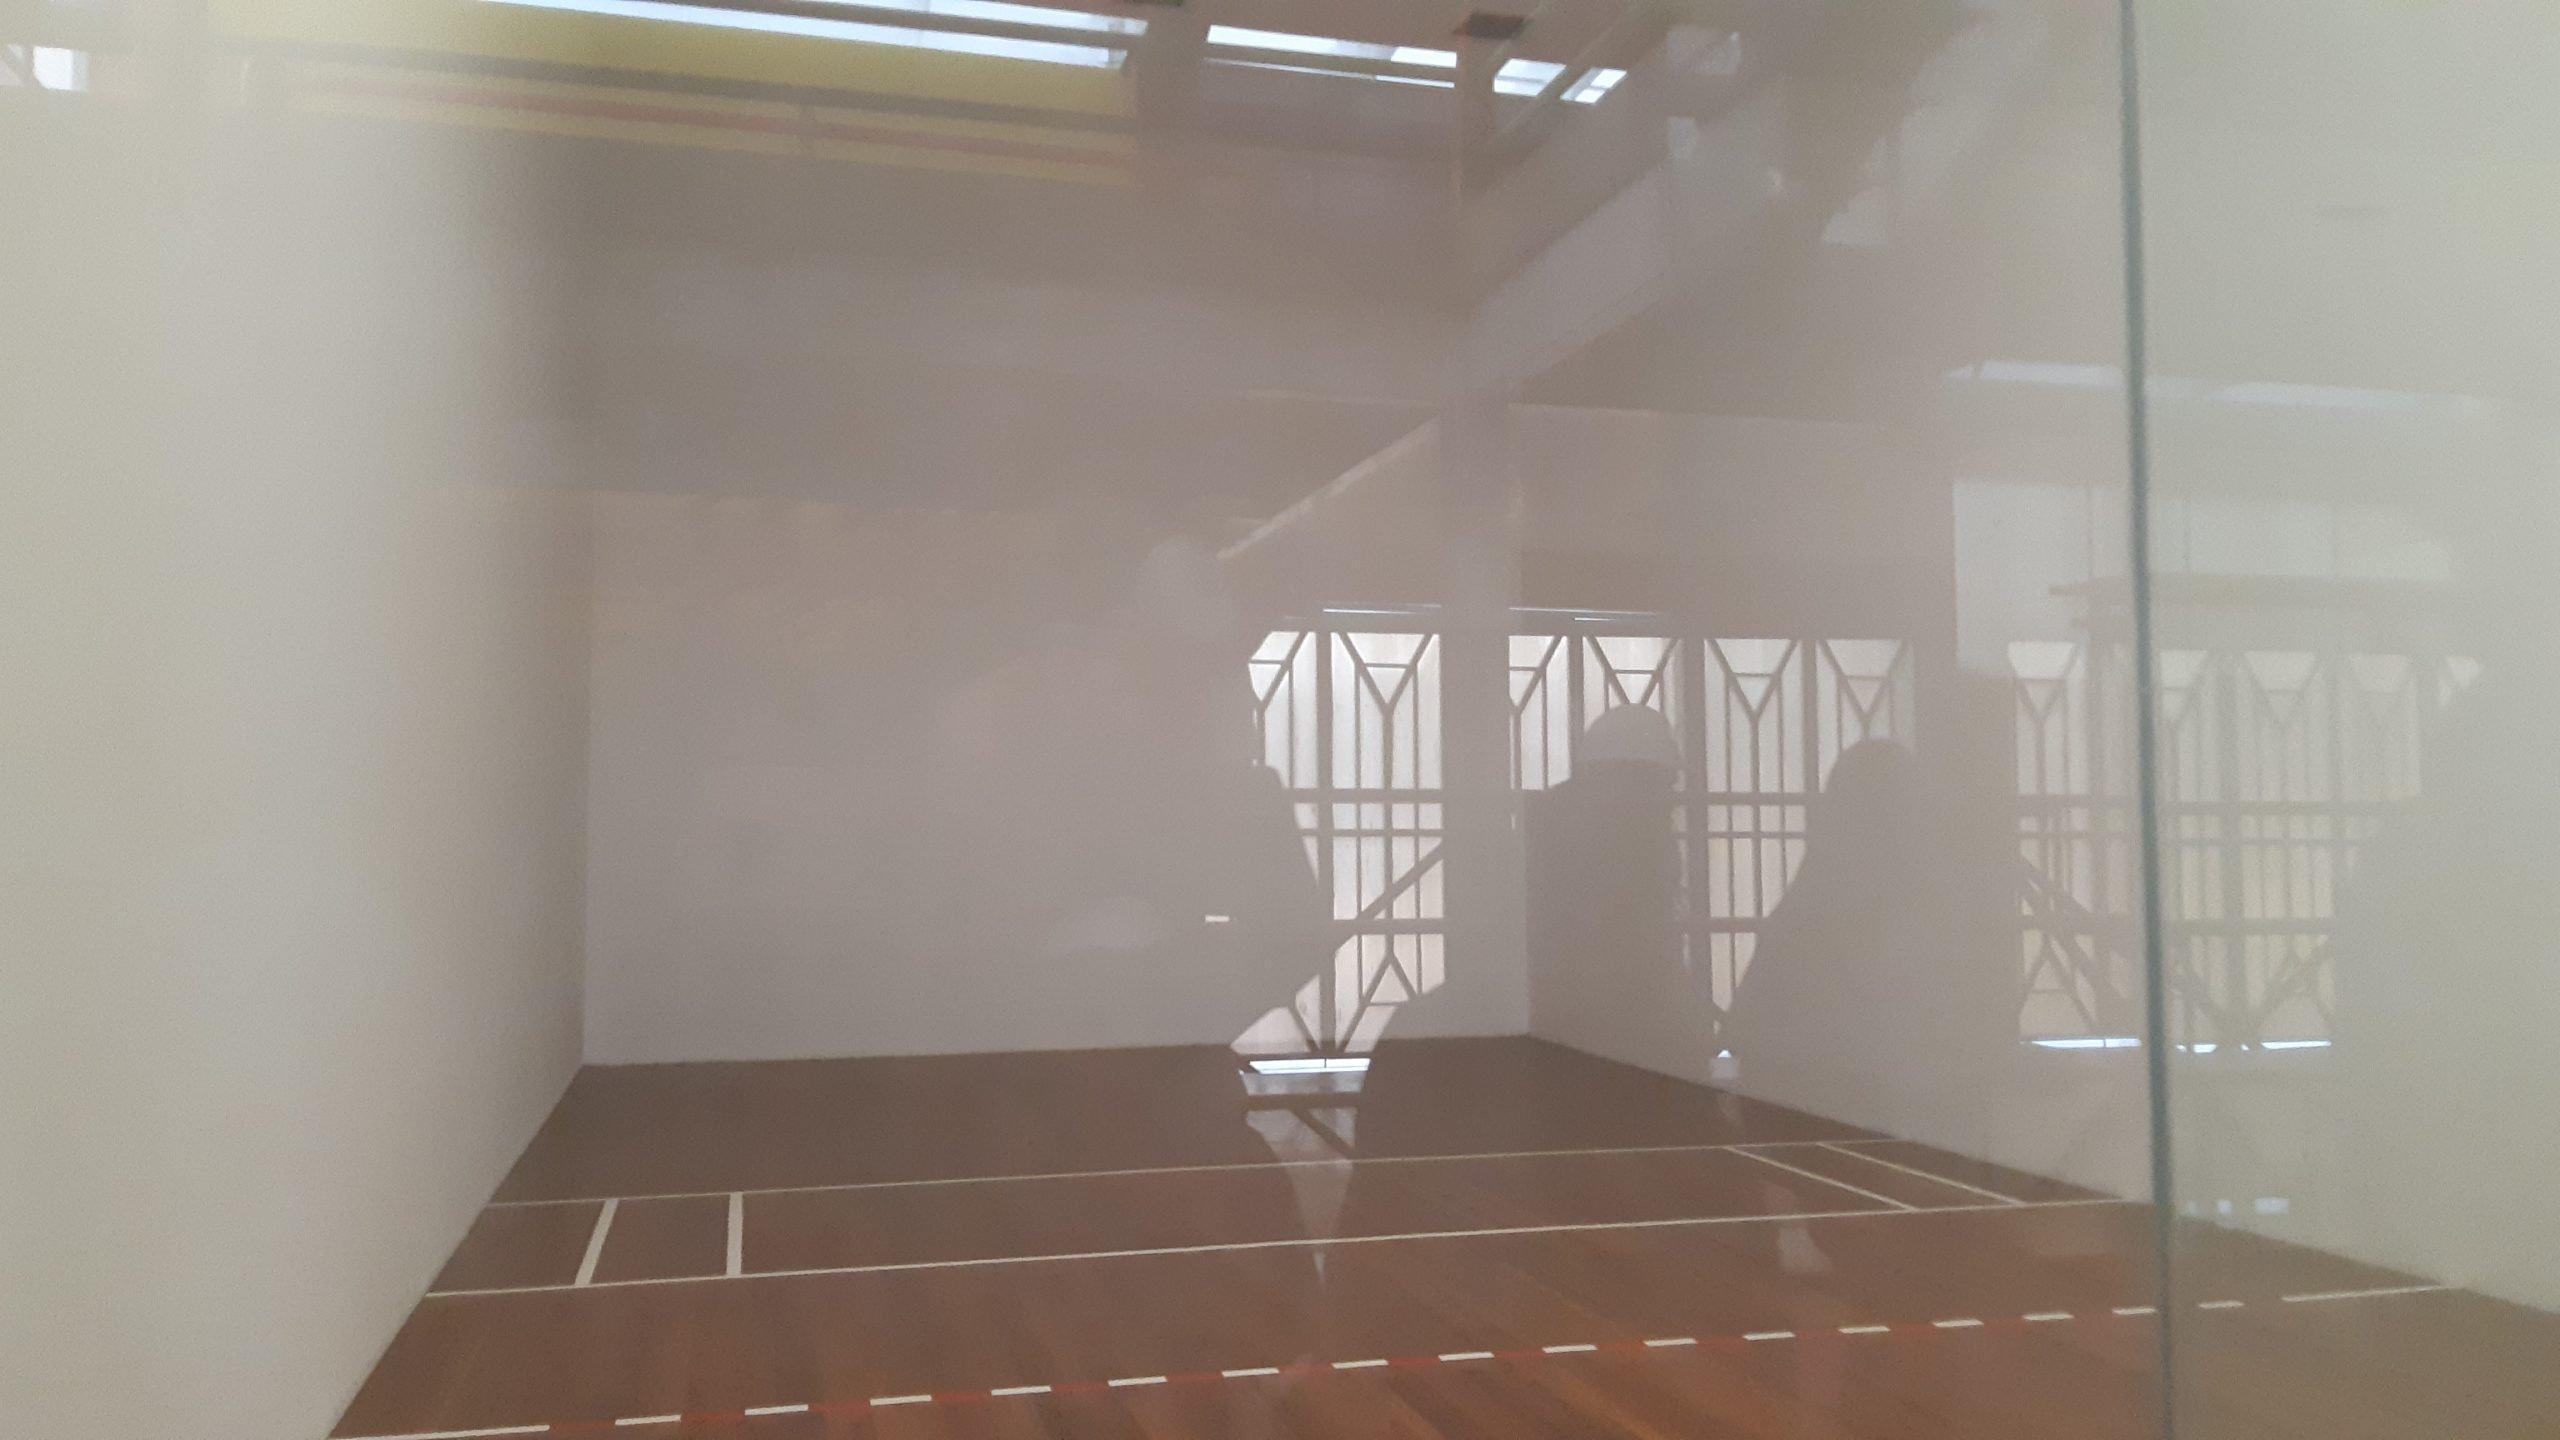 Alcaldía de Sucre confirma respaldo por parte del Gobierno Central para los Juegos Bolivarianos